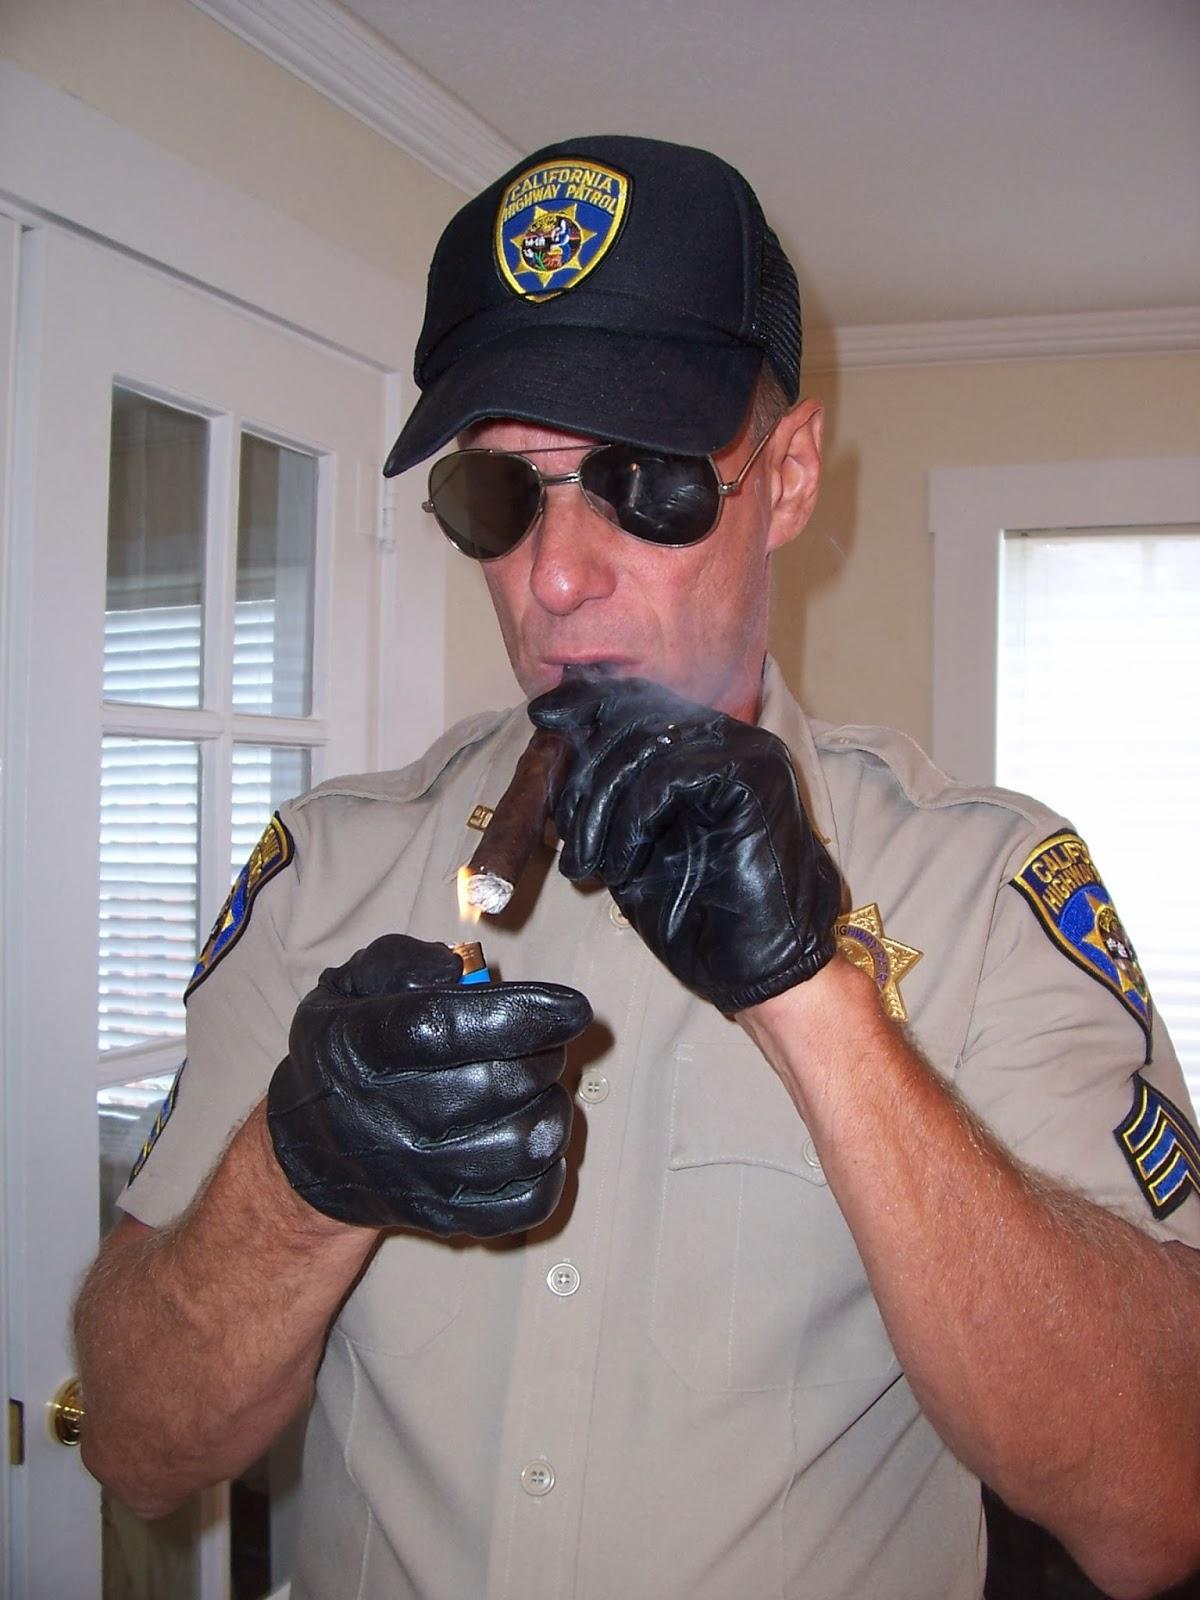 gay clips uniforms